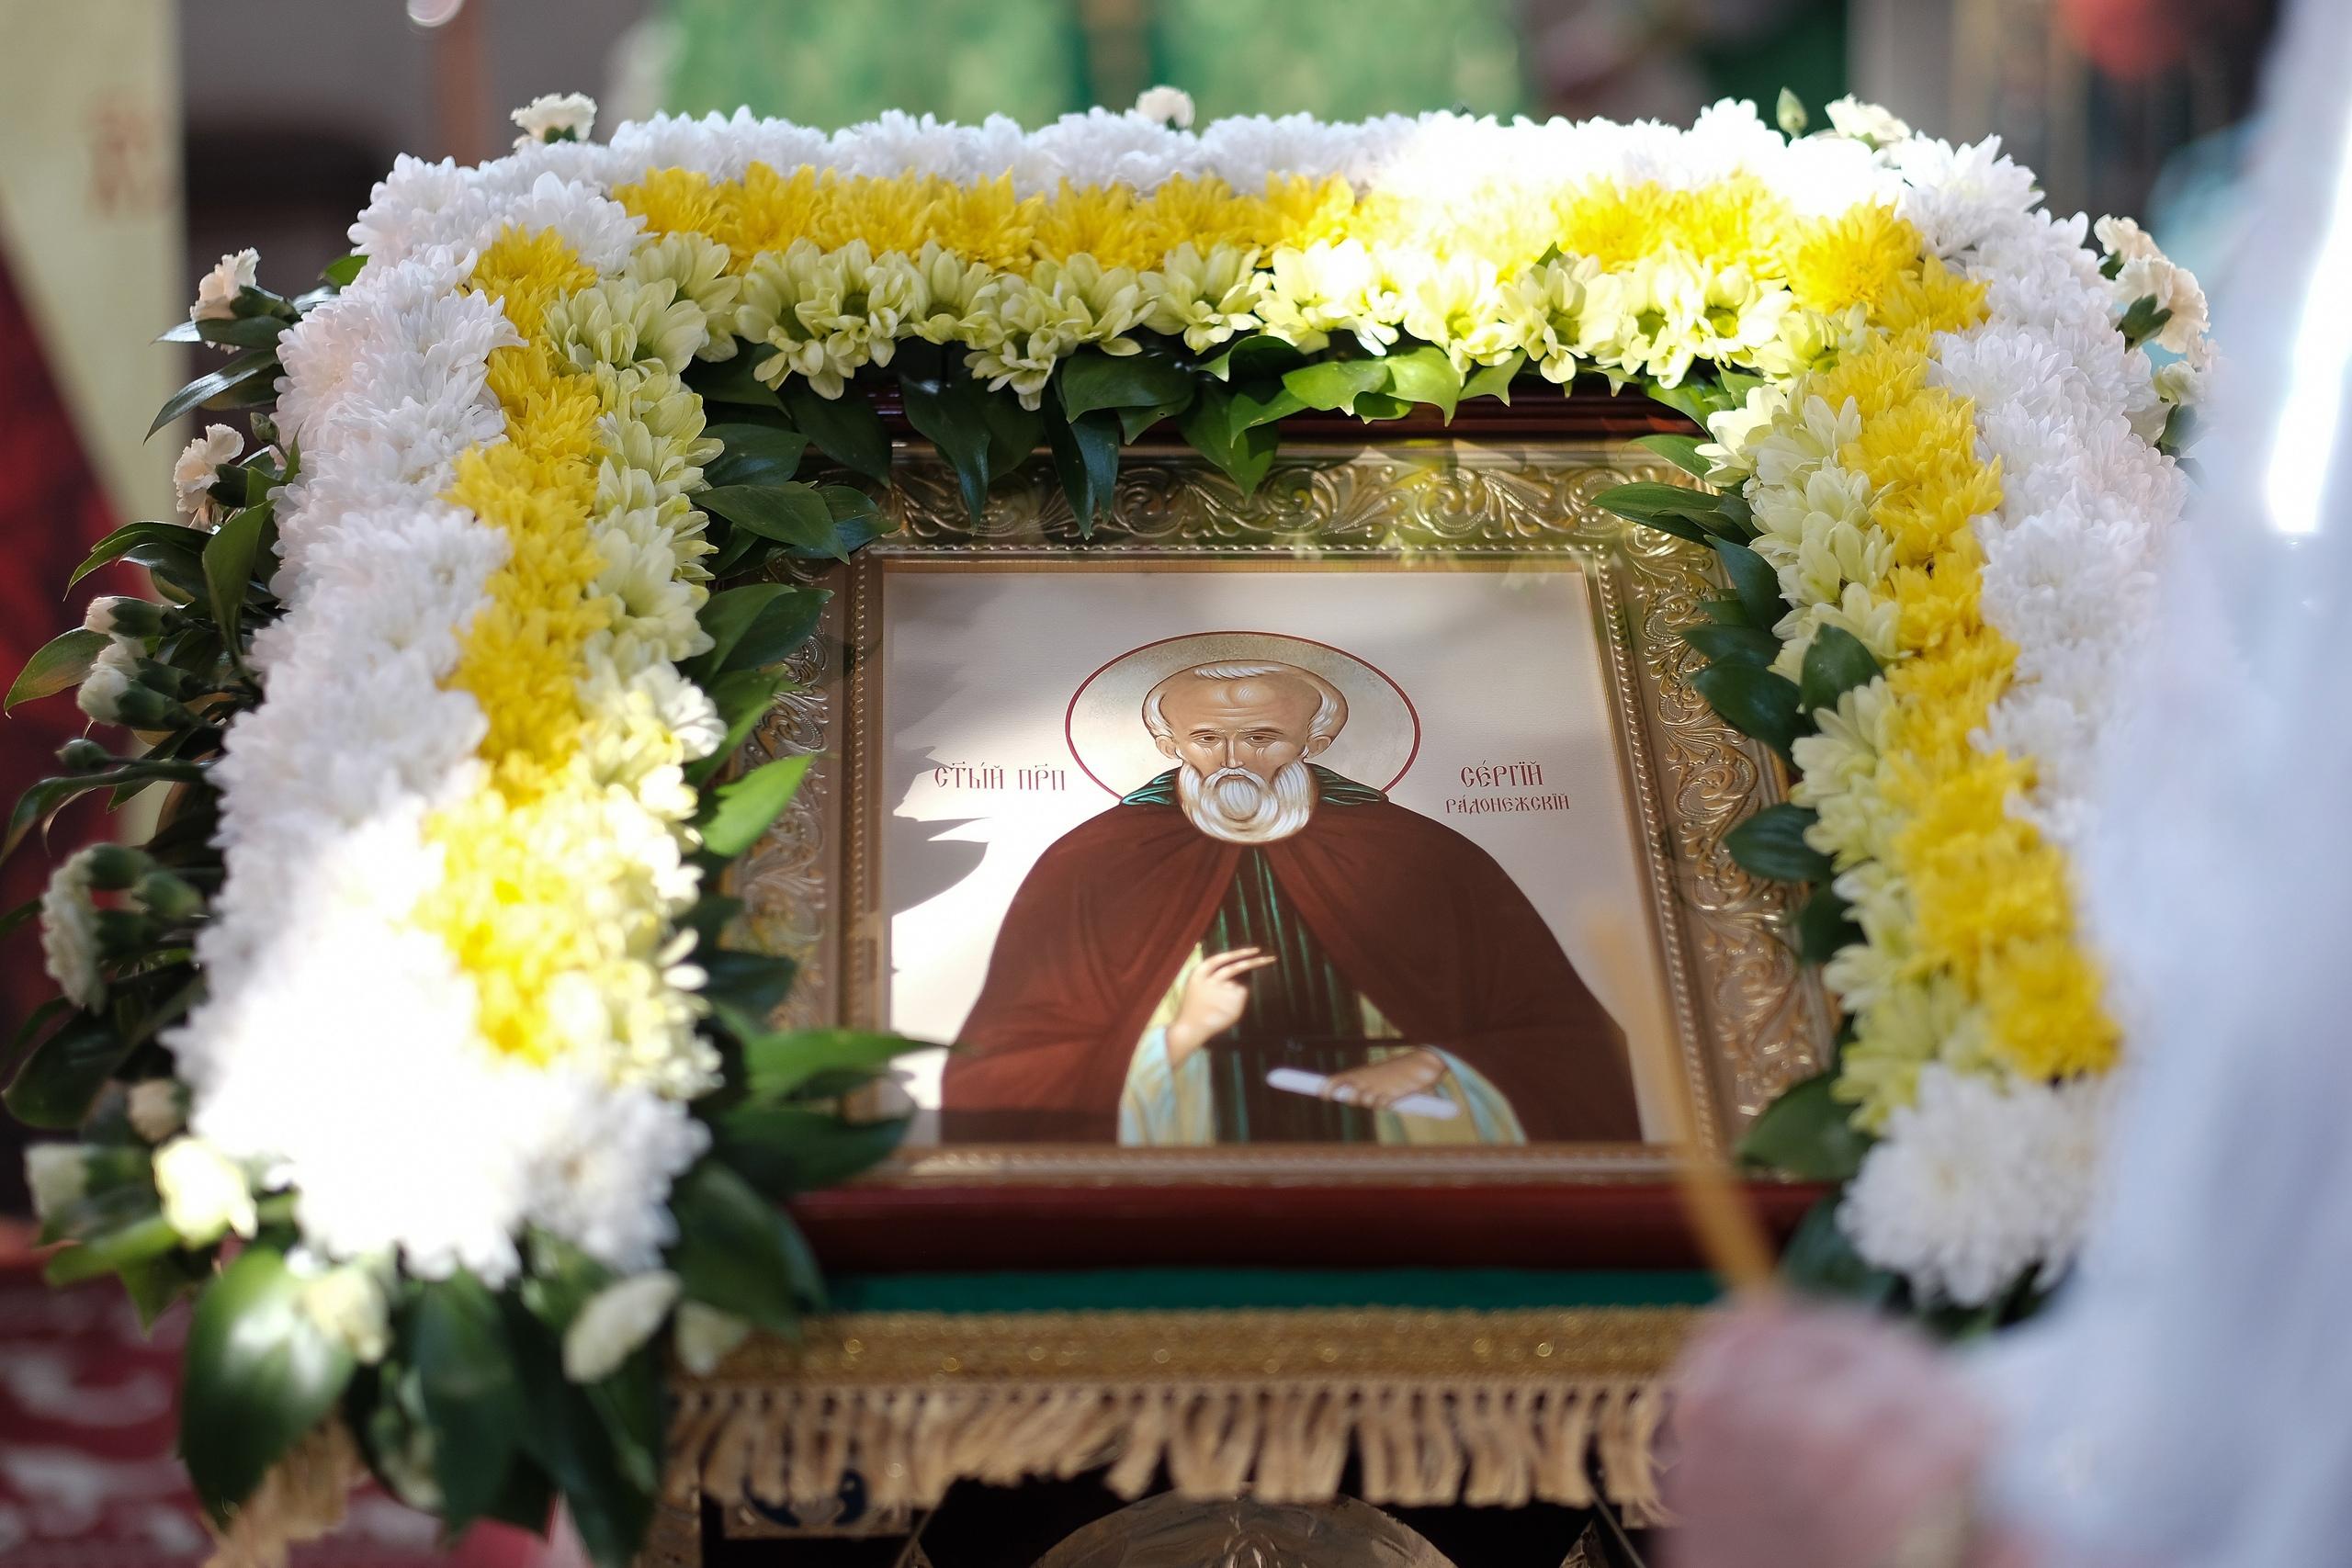 18 июля - день памяти преподобного Сергия Радонежского